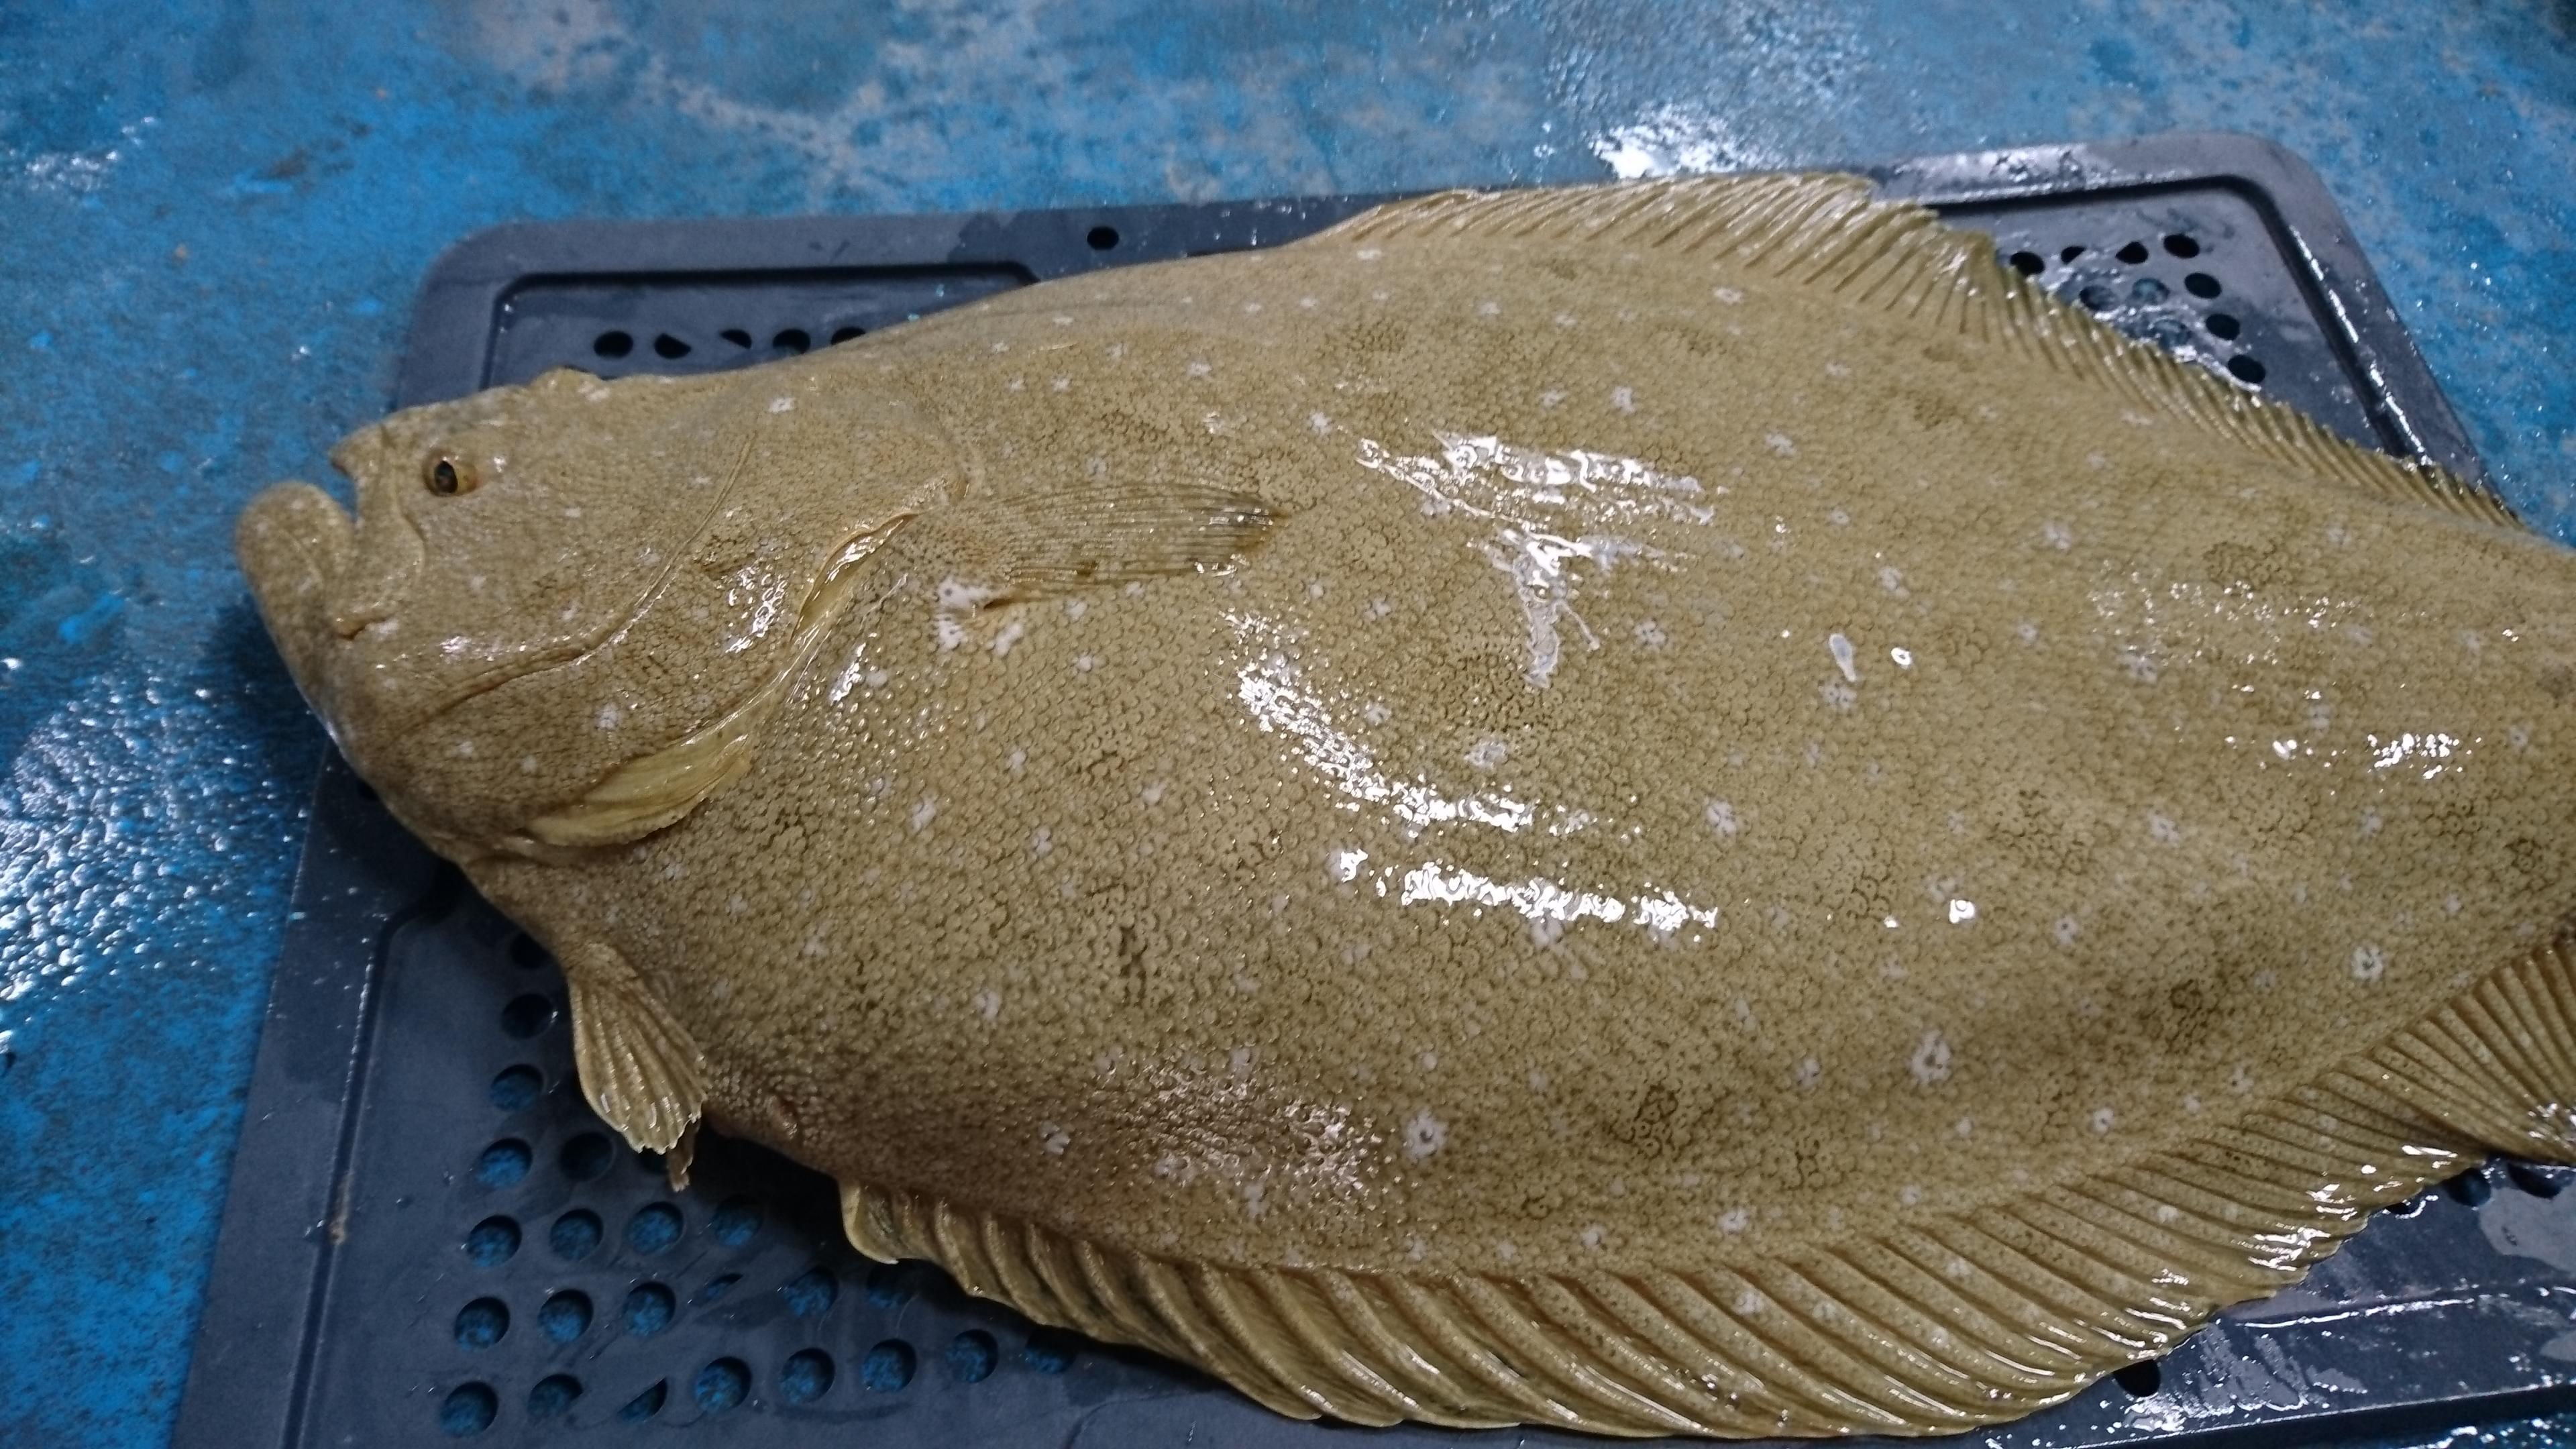 解密生殖技術 水試所成功繁殖高經濟溫水性魚類牙鮃